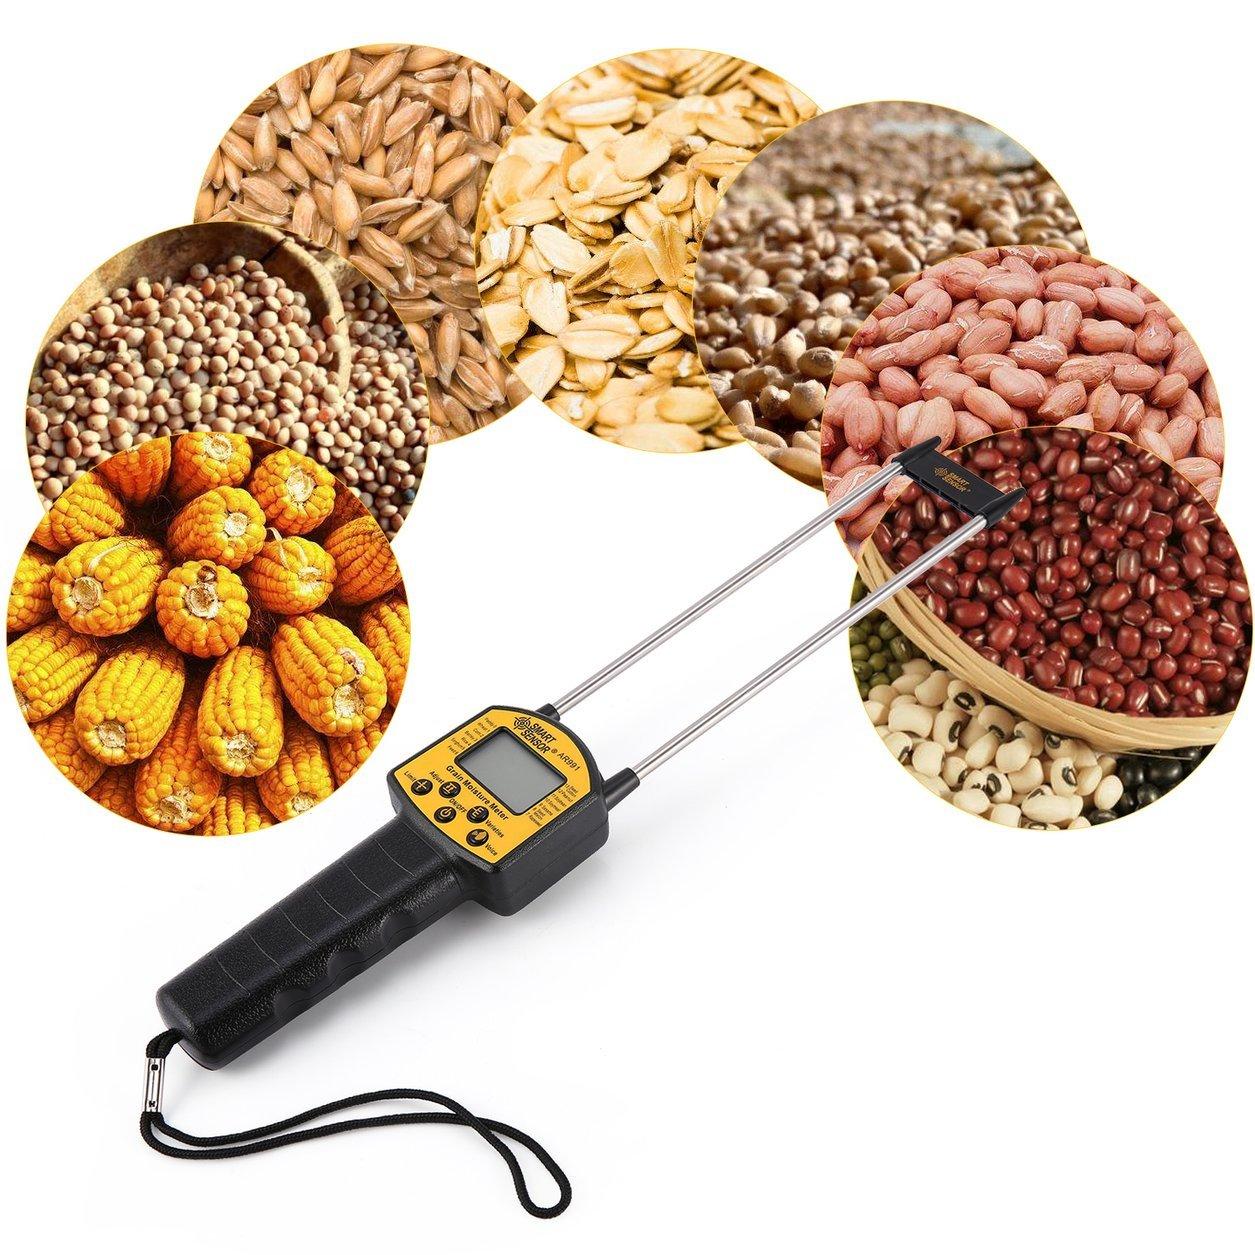 SMART SENSOR AR991 Professionelle Digitale Getreide Feuchtigkeitsmesser für Mais Weizen Reis Bean Peanut Grain Measurement Feuchtigkeitsmessgerät, Yello & Schwarz Dailyinshop